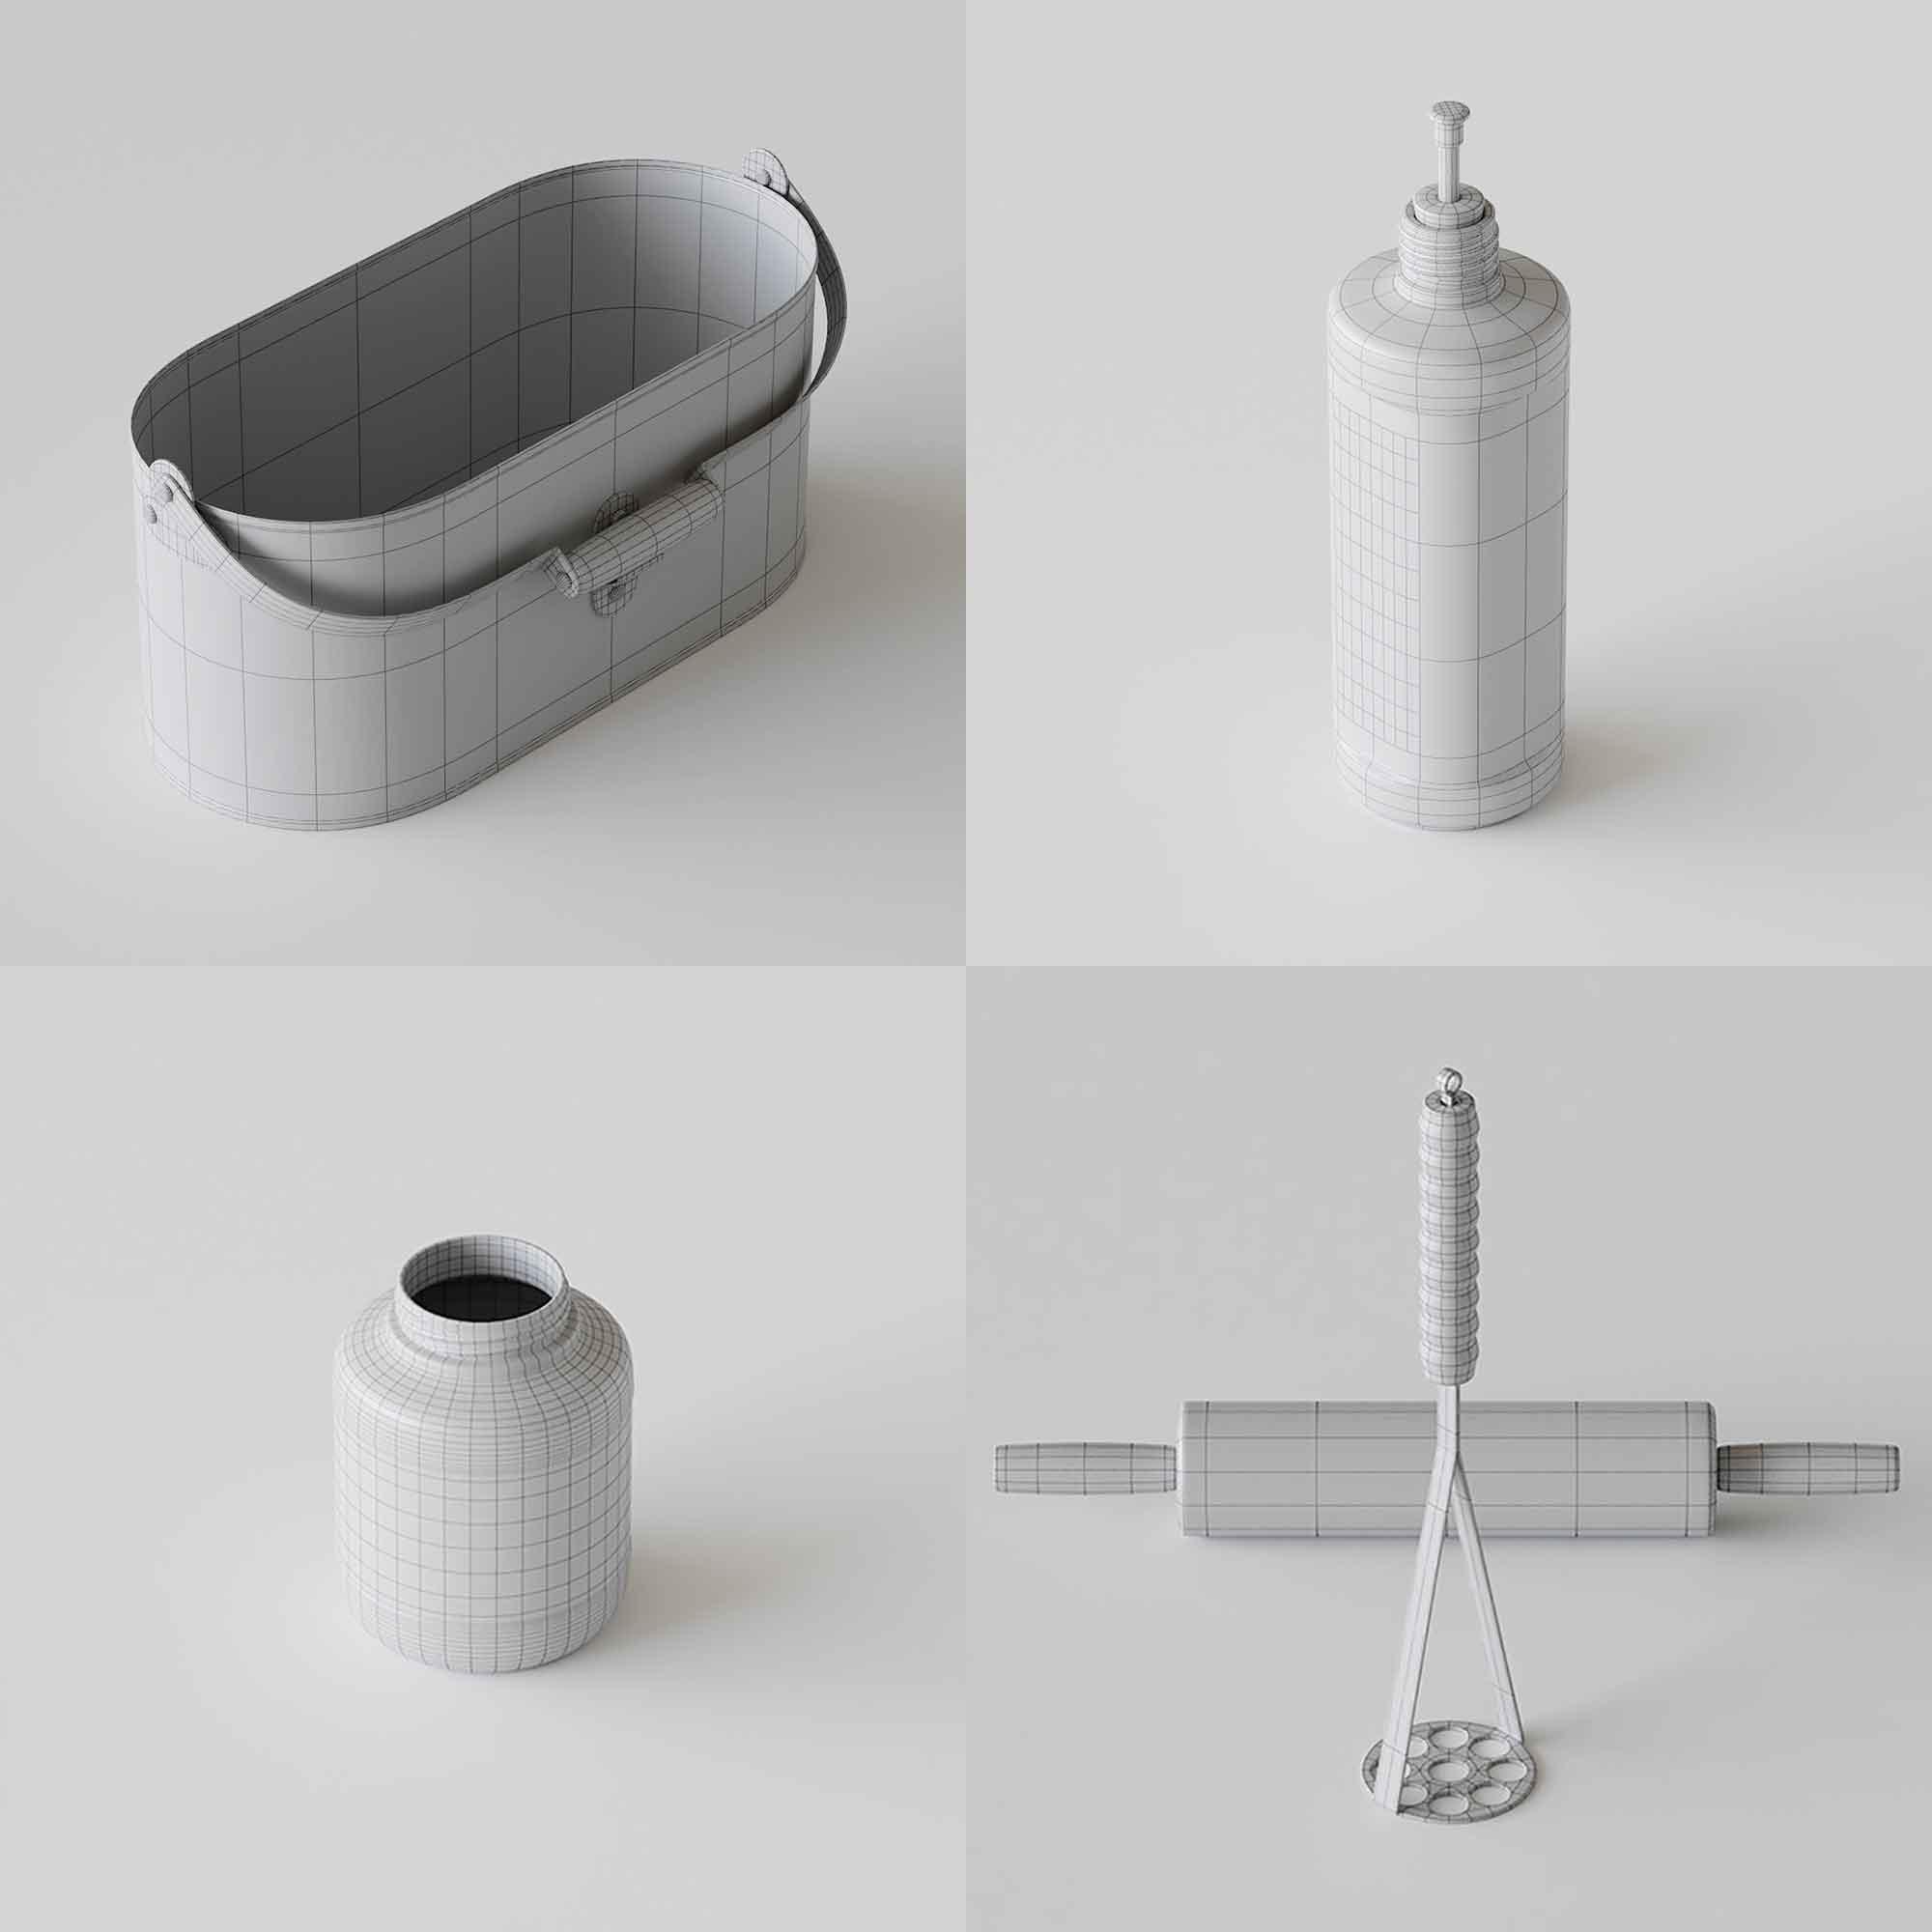 Kitchenware 3D Models 2